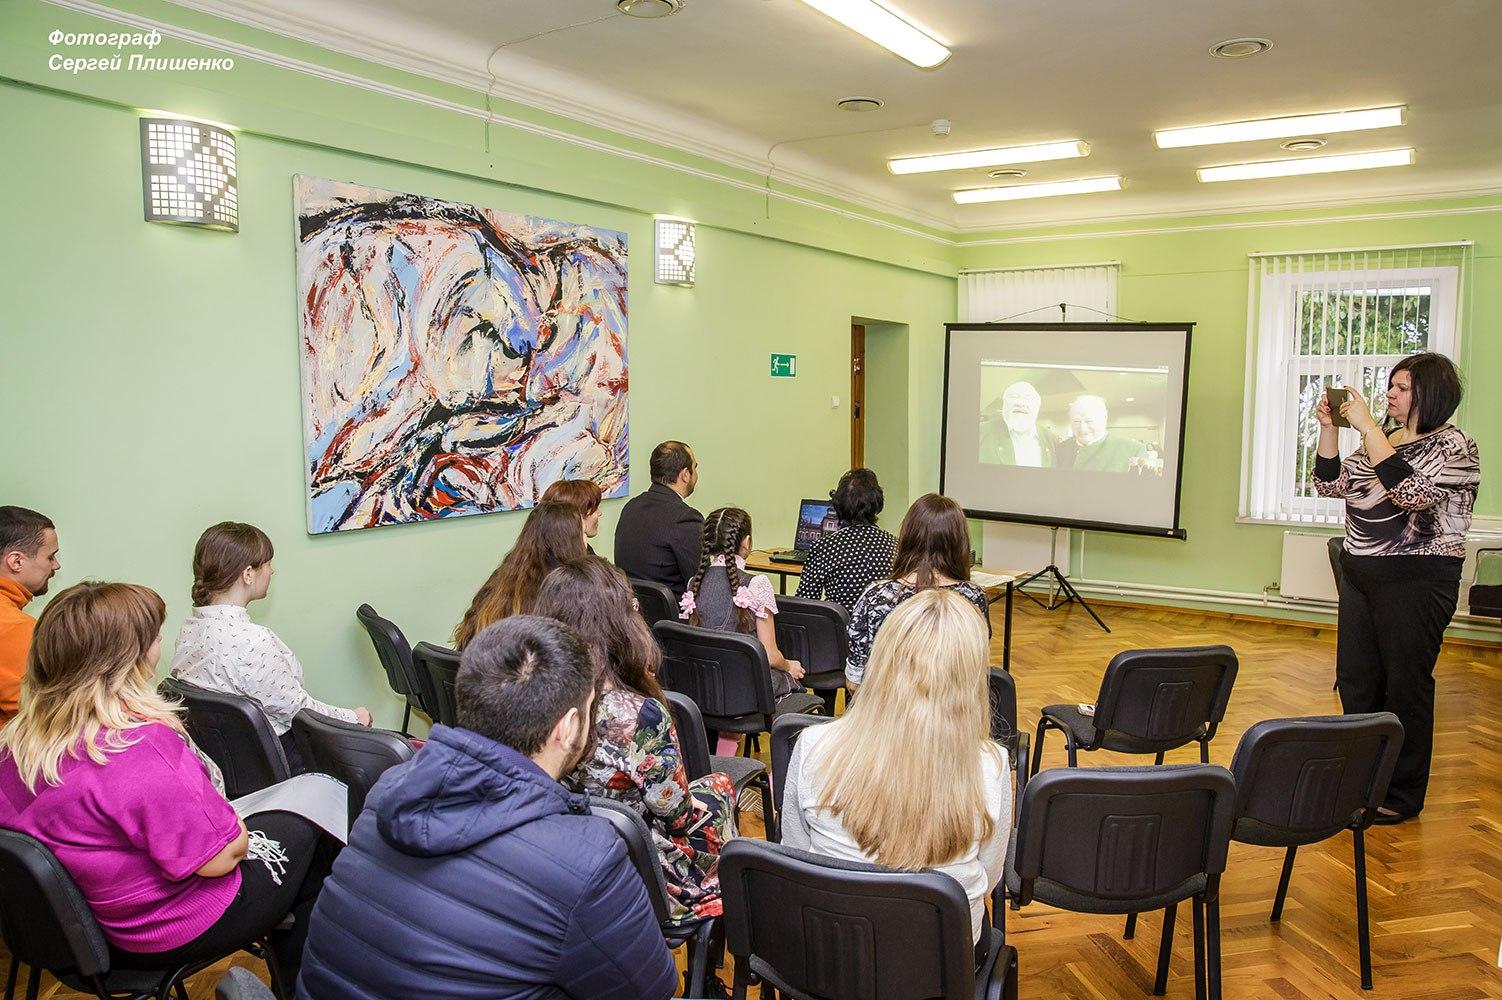 russisch sterreichischer kulturdialog deutsch lernen mit vitamin de. Black Bedroom Furniture Sets. Home Design Ideas